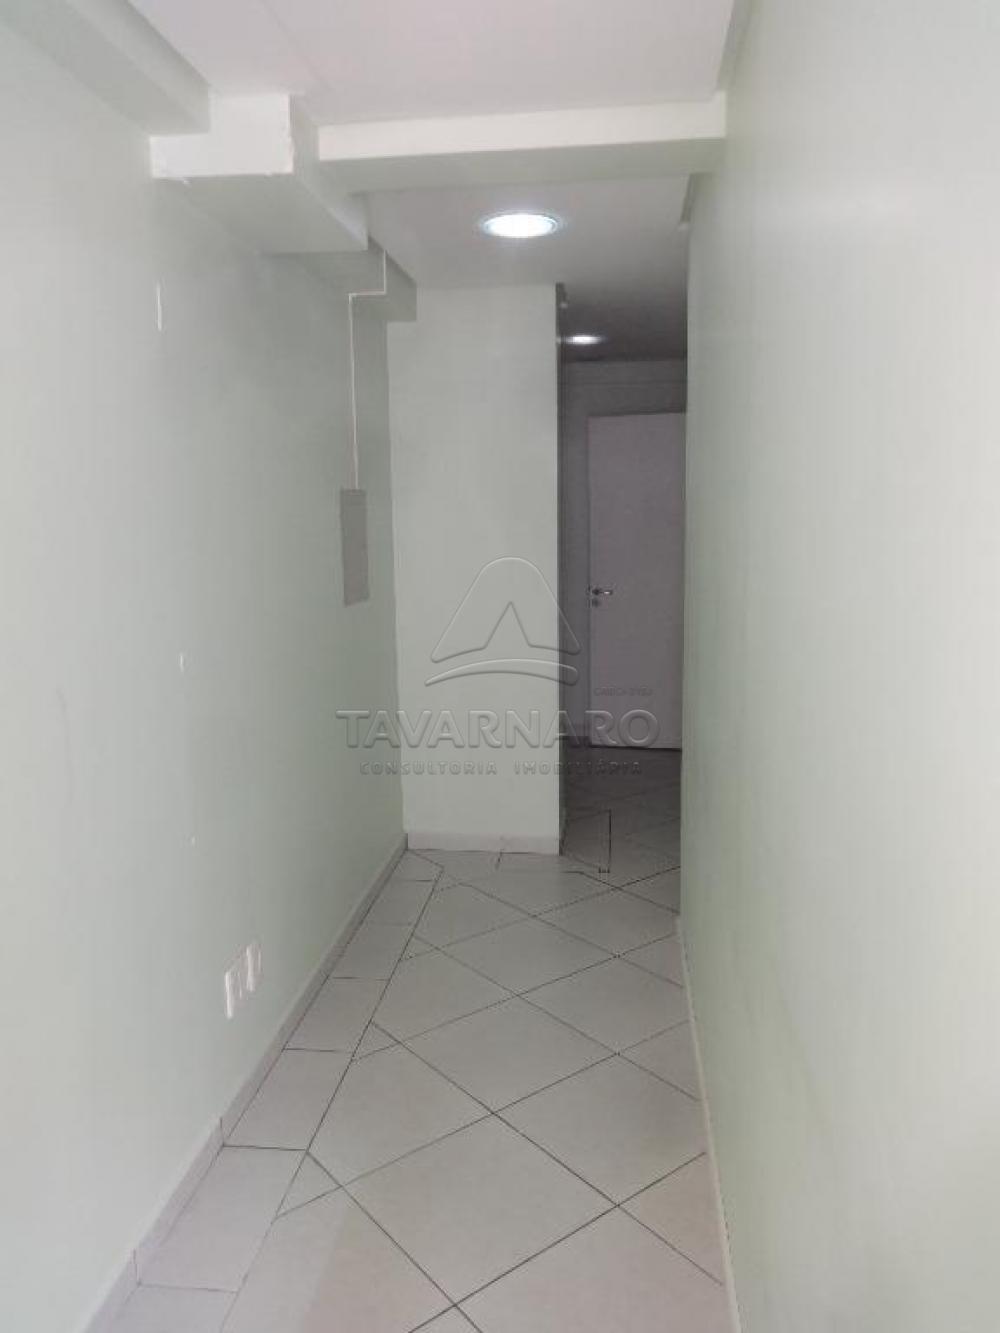 Alugar Comercial / Sala Condomínio em Ponta Grossa R$ 2.500,00 - Foto 12